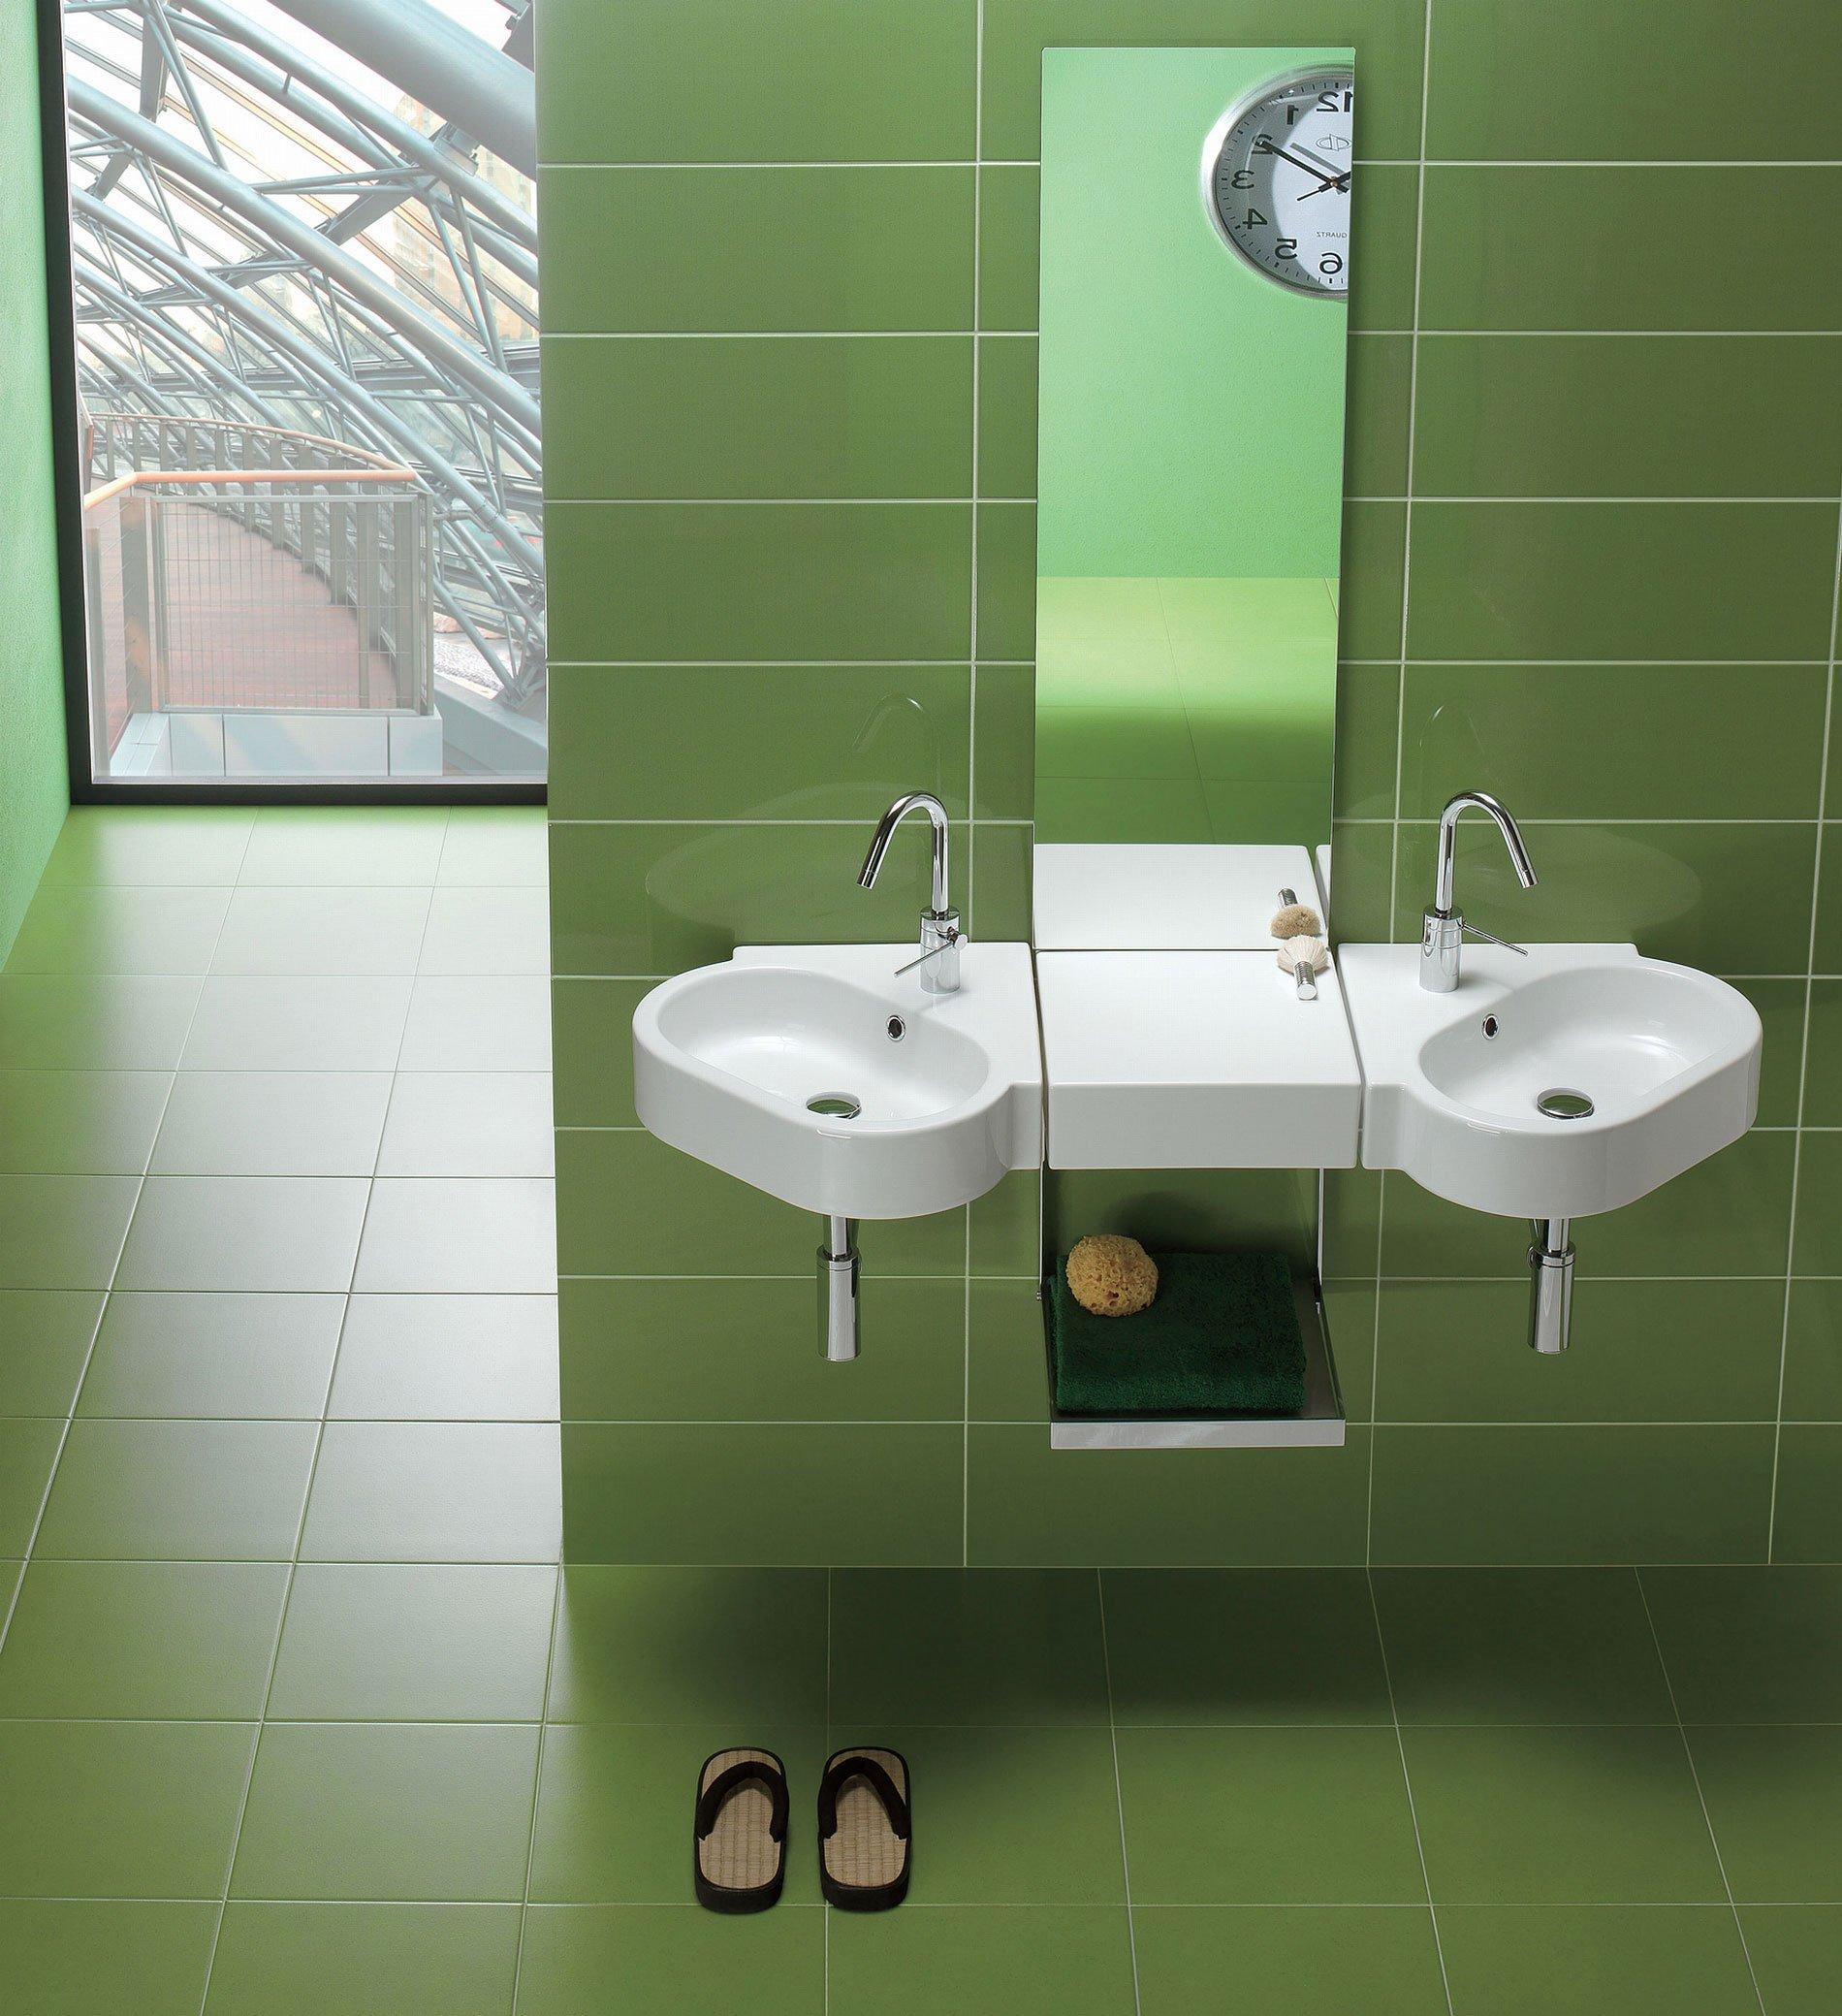 installabile sospeso a muro in linea o ad angolo il lavabo ad angolo della collezione